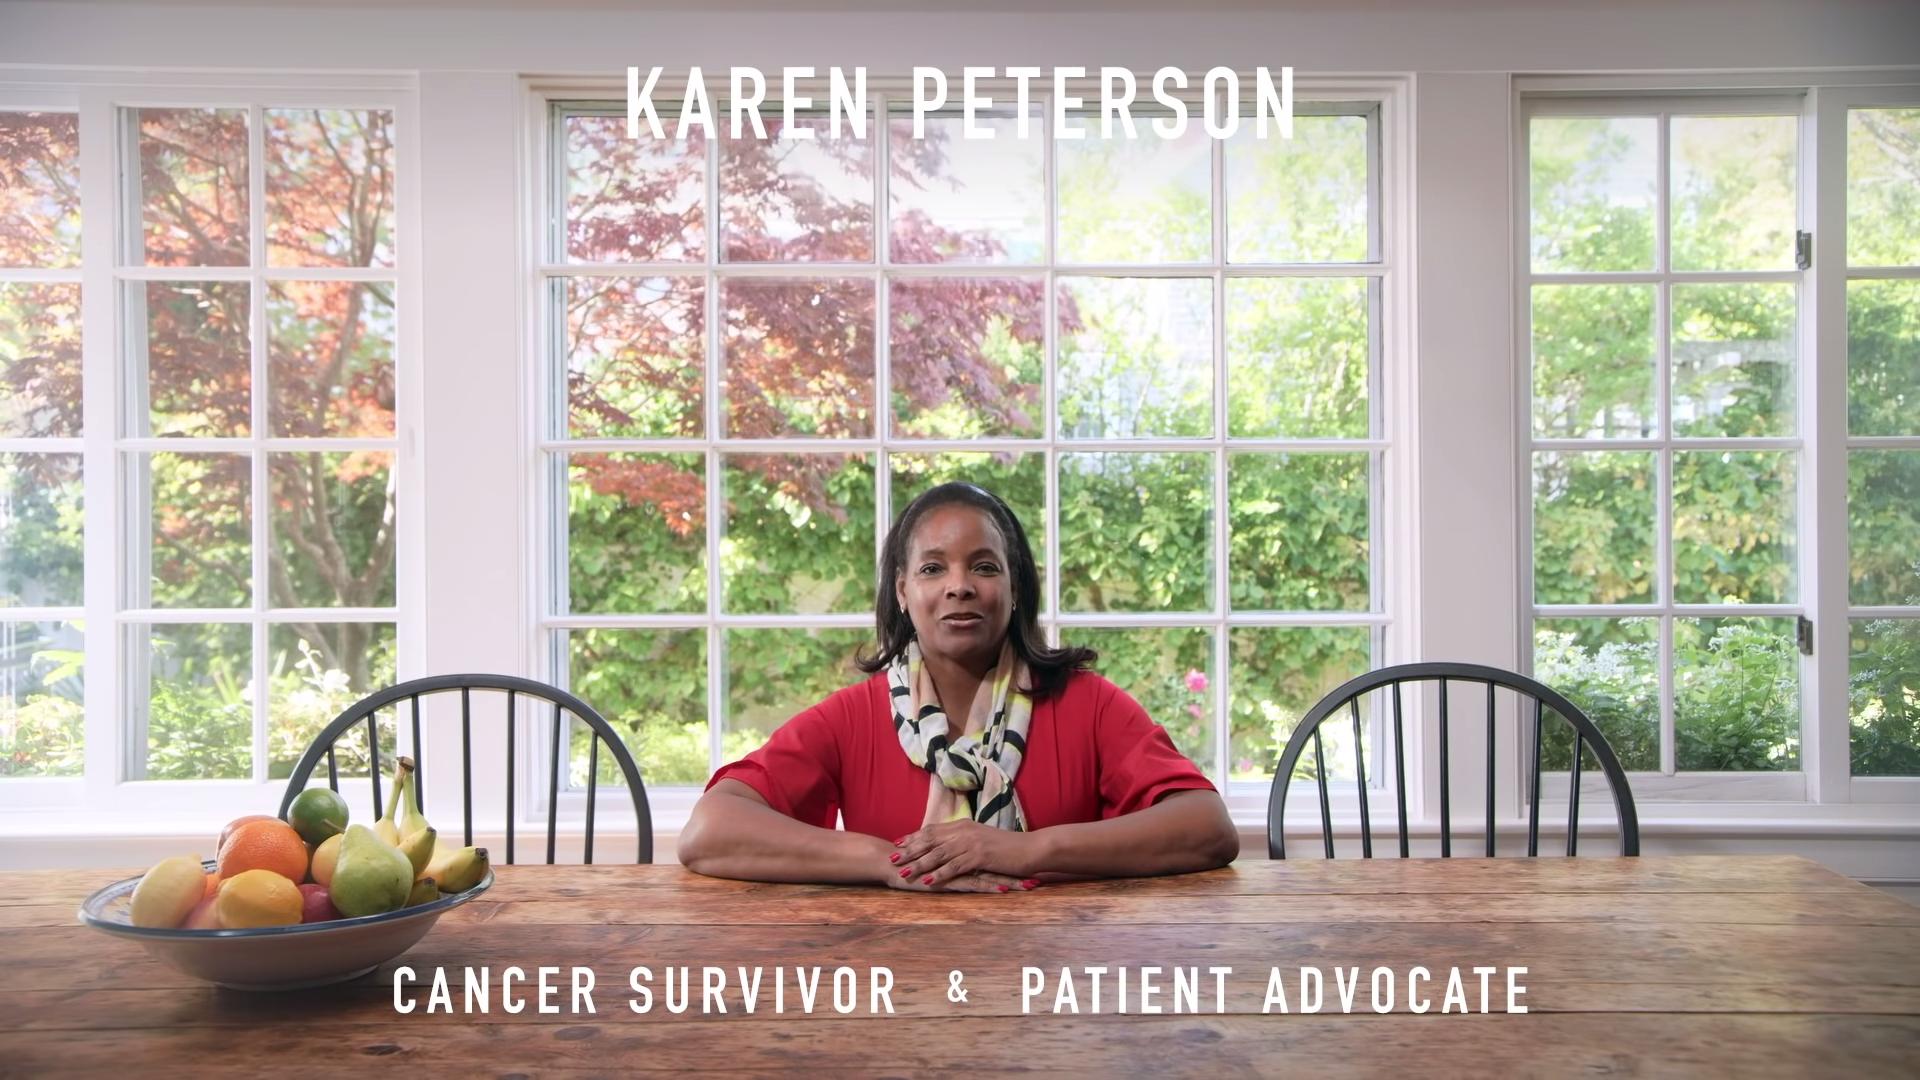 Karen Peterson, cancer survivor, patient advocate.